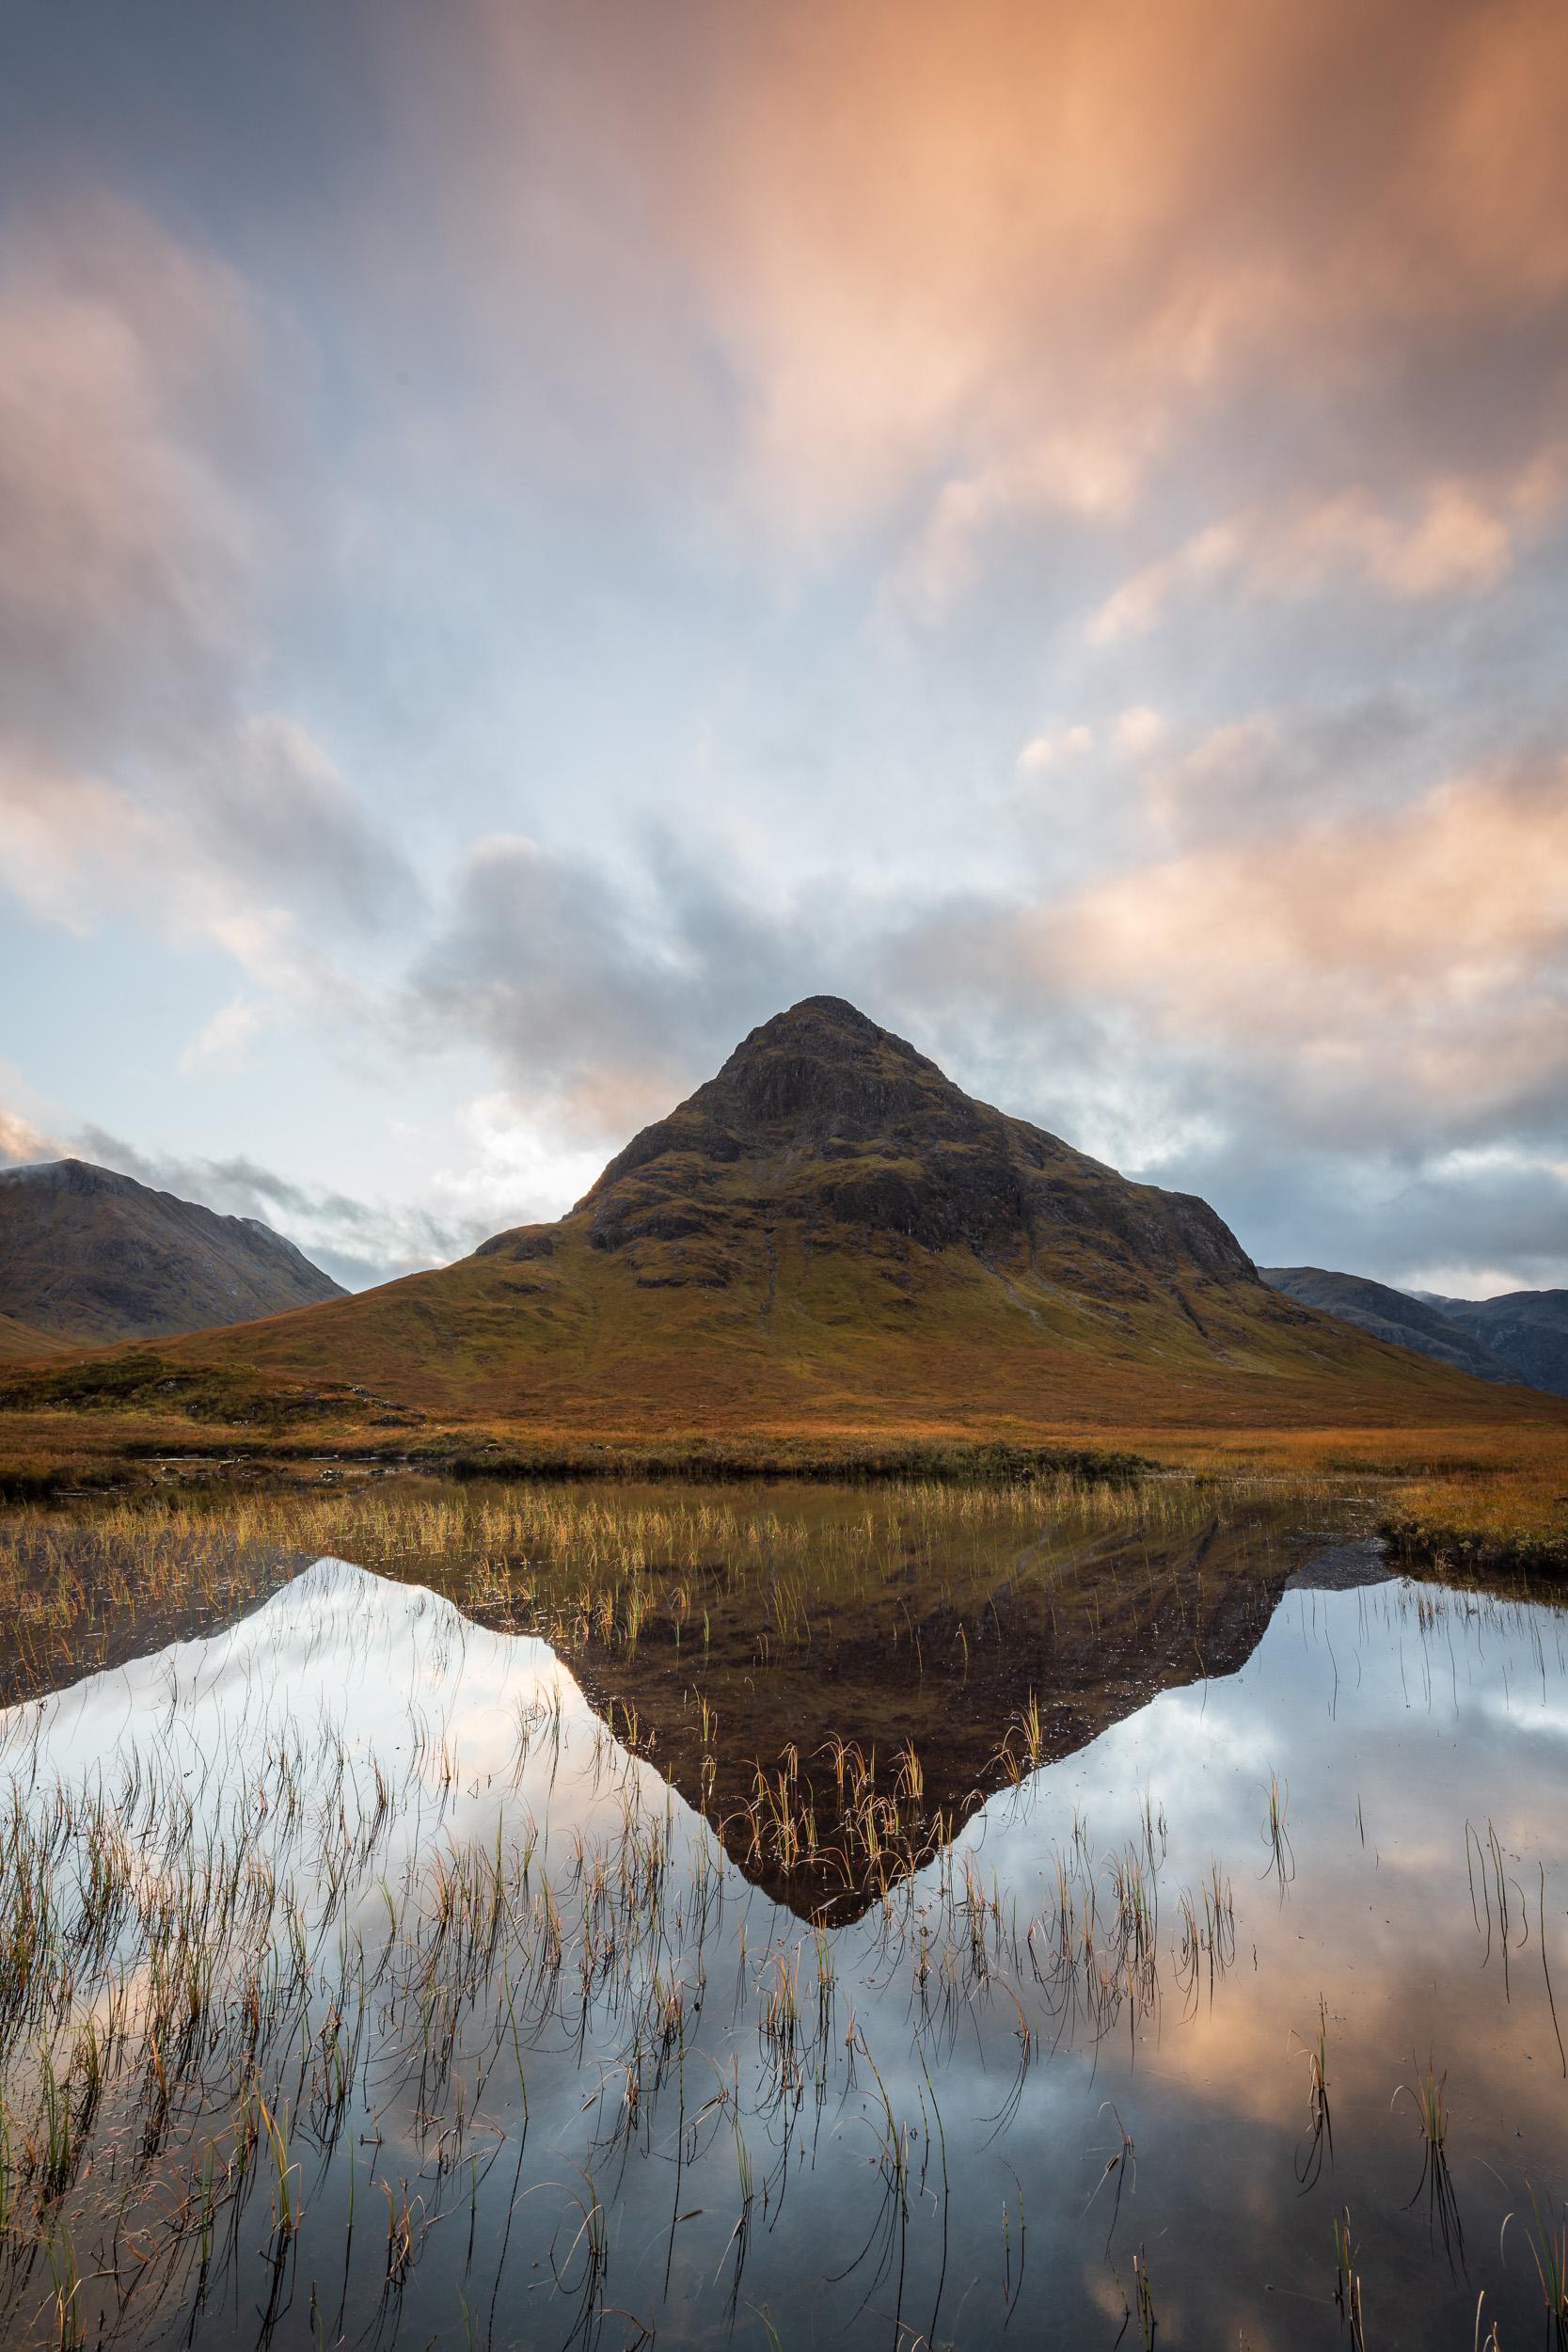 Stob nan Cabar from Lochan na Fola (Vertical), Glencoe, Scotland  - Nikon D850, Nikkor 16-35 mm f/4 at 16 mm, 0.8 seconds at ISO 64, f/13, Lee Filters Circular Polariser, ND Grad.